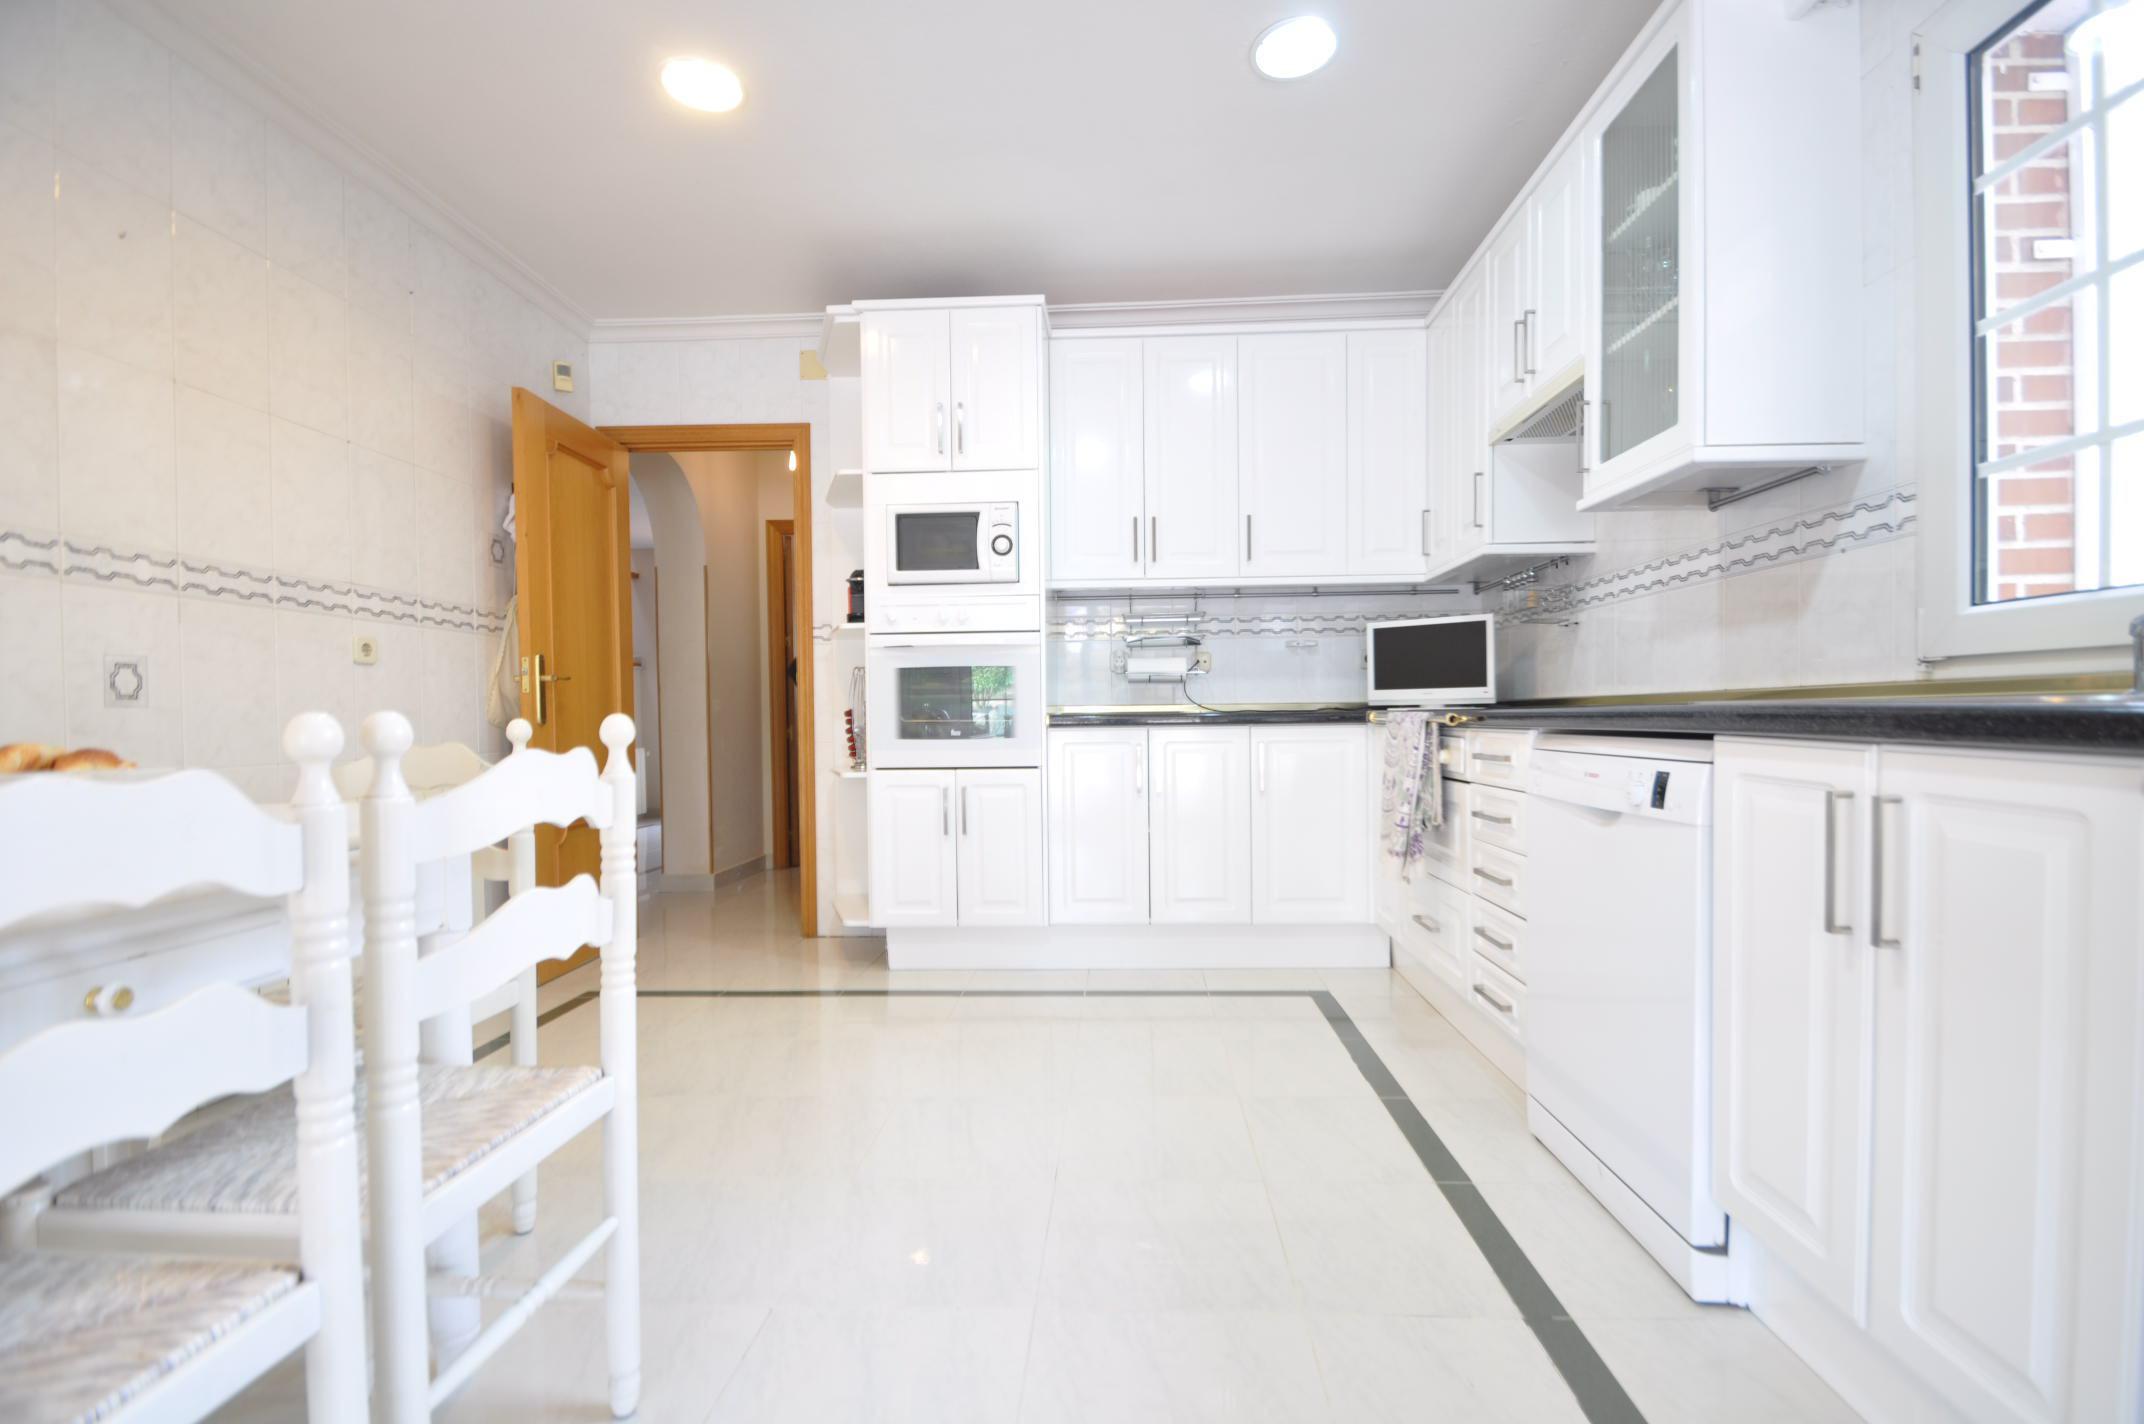 Alquilar un hogar con mucho oficio - Alquilar tu casa ...